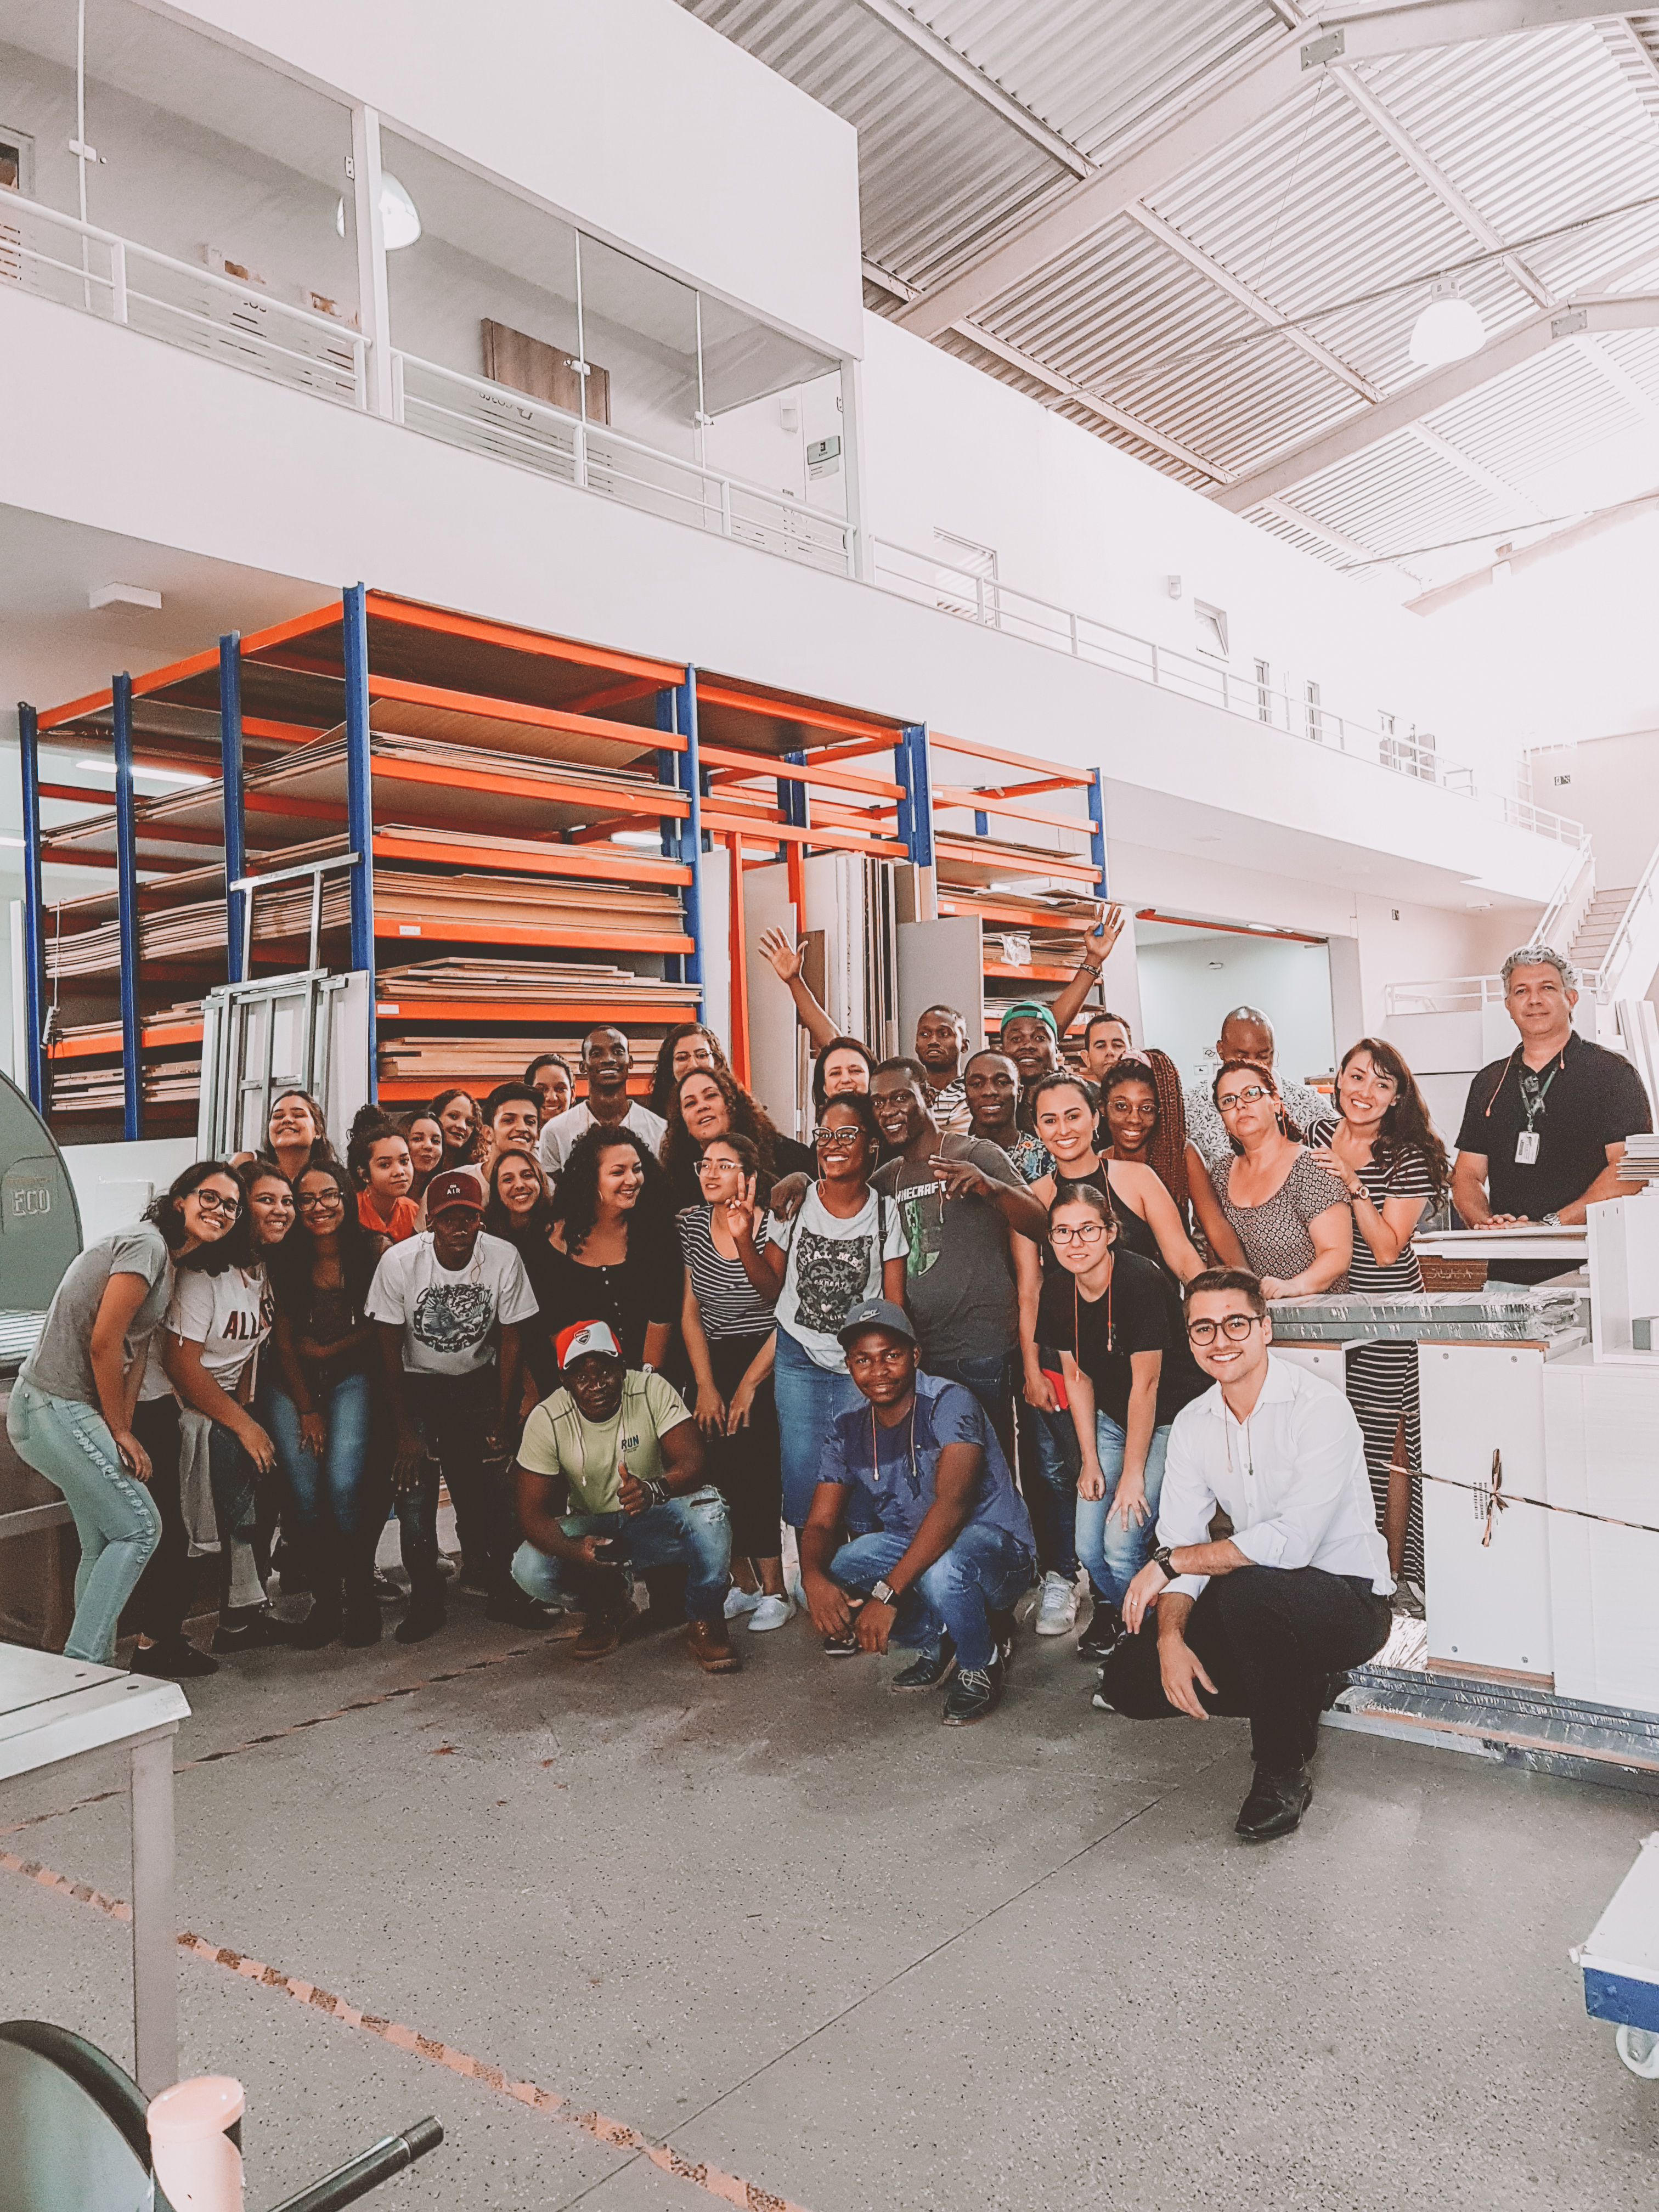 Portal Jcr Ifsp Professores De Mocambique E Alunos Do Curso Tecnico Em Design De Interiores Realizam Visita Tecnica Em Fabrica De Moveis Planejados